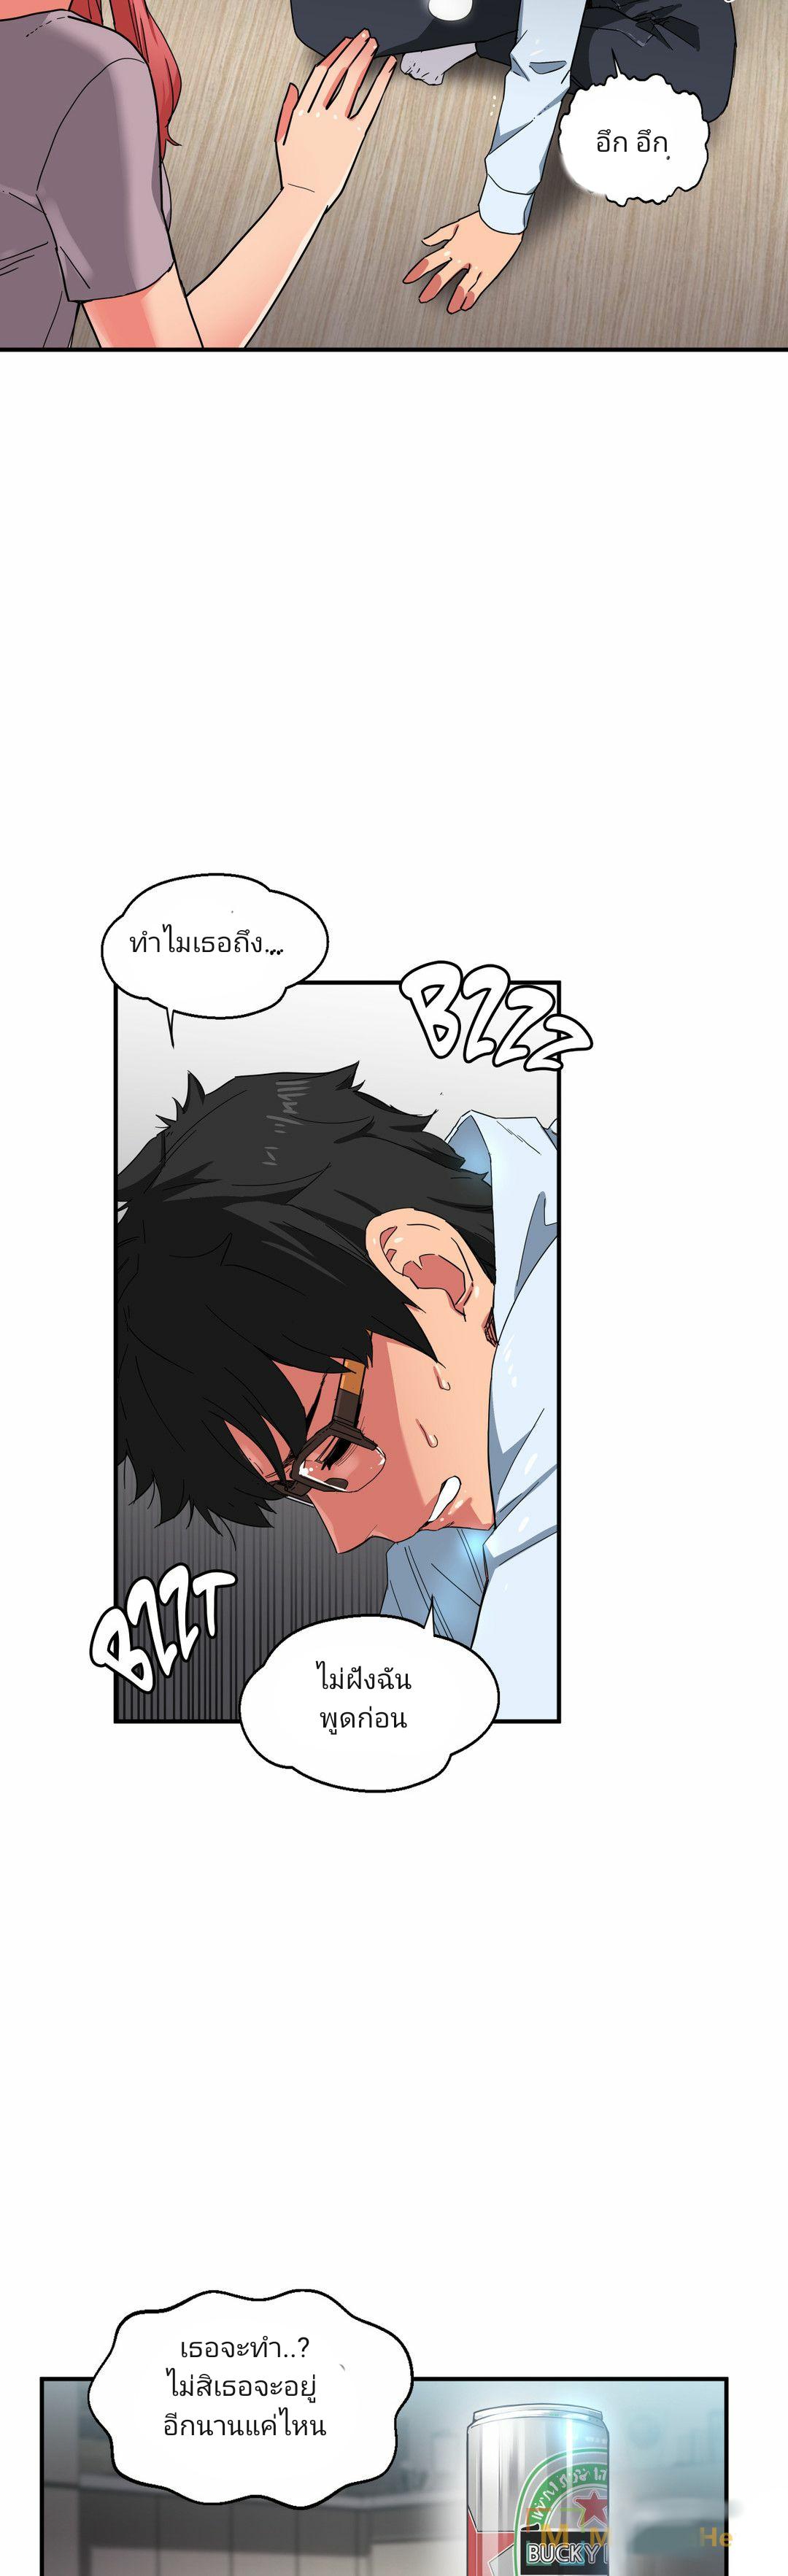 โซลมี 5 - ชุดนอนไม่ได้นอน ภาพ 36